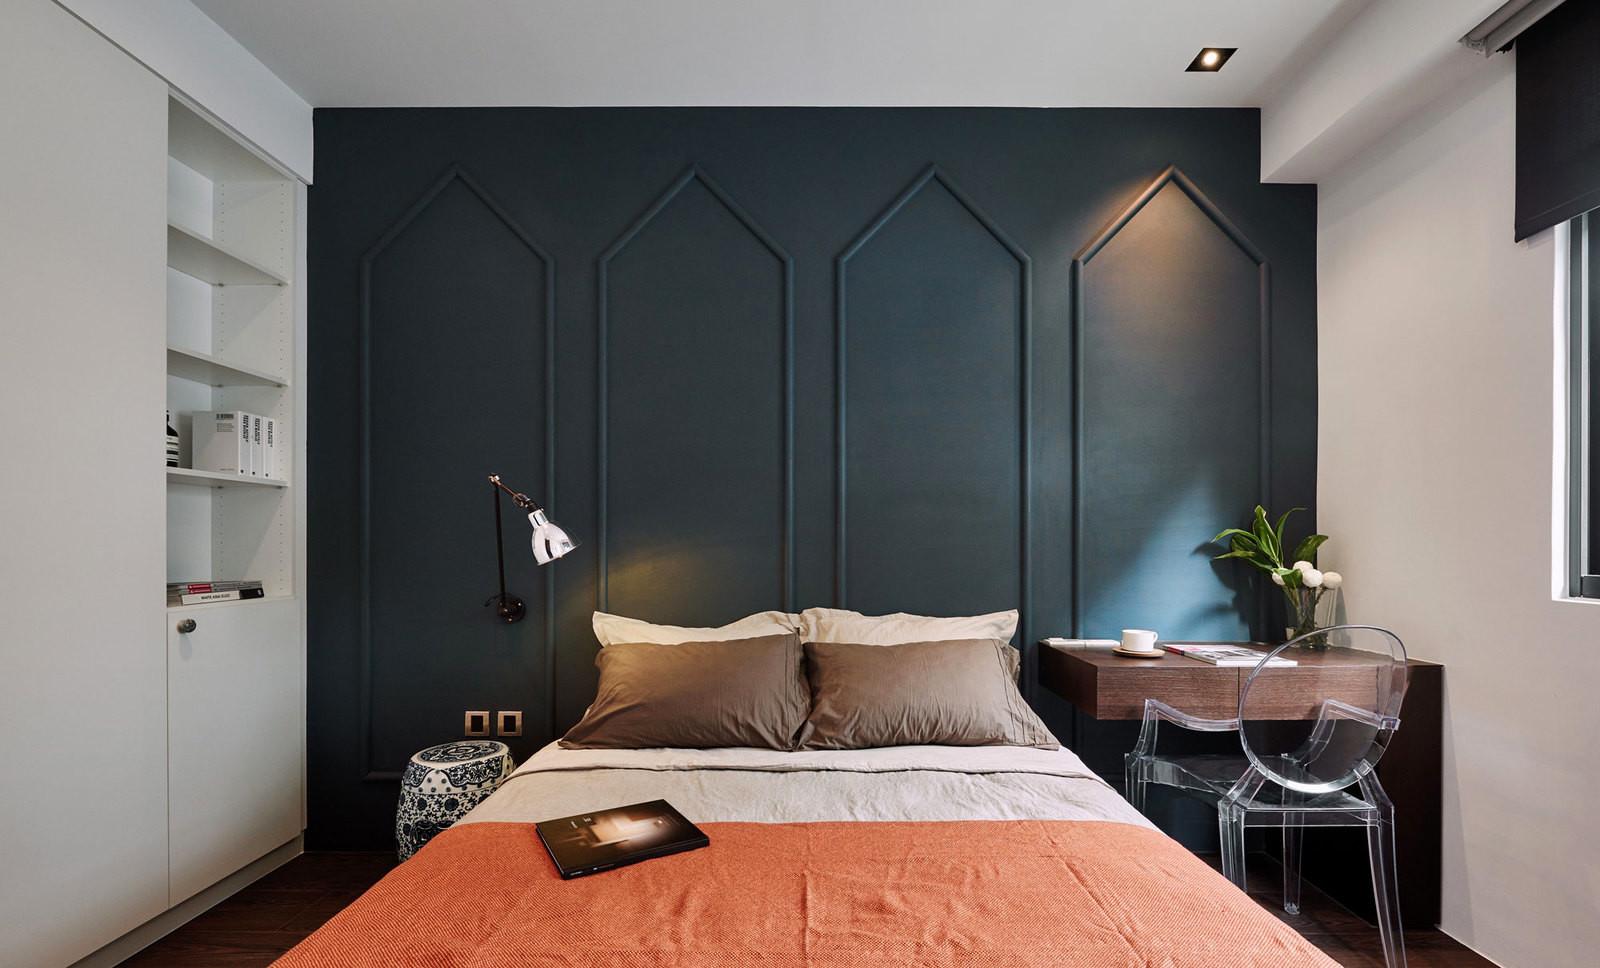 etaj-ot-kashta-s-moderen-i-prostoren-interioren-dizain-120-7g